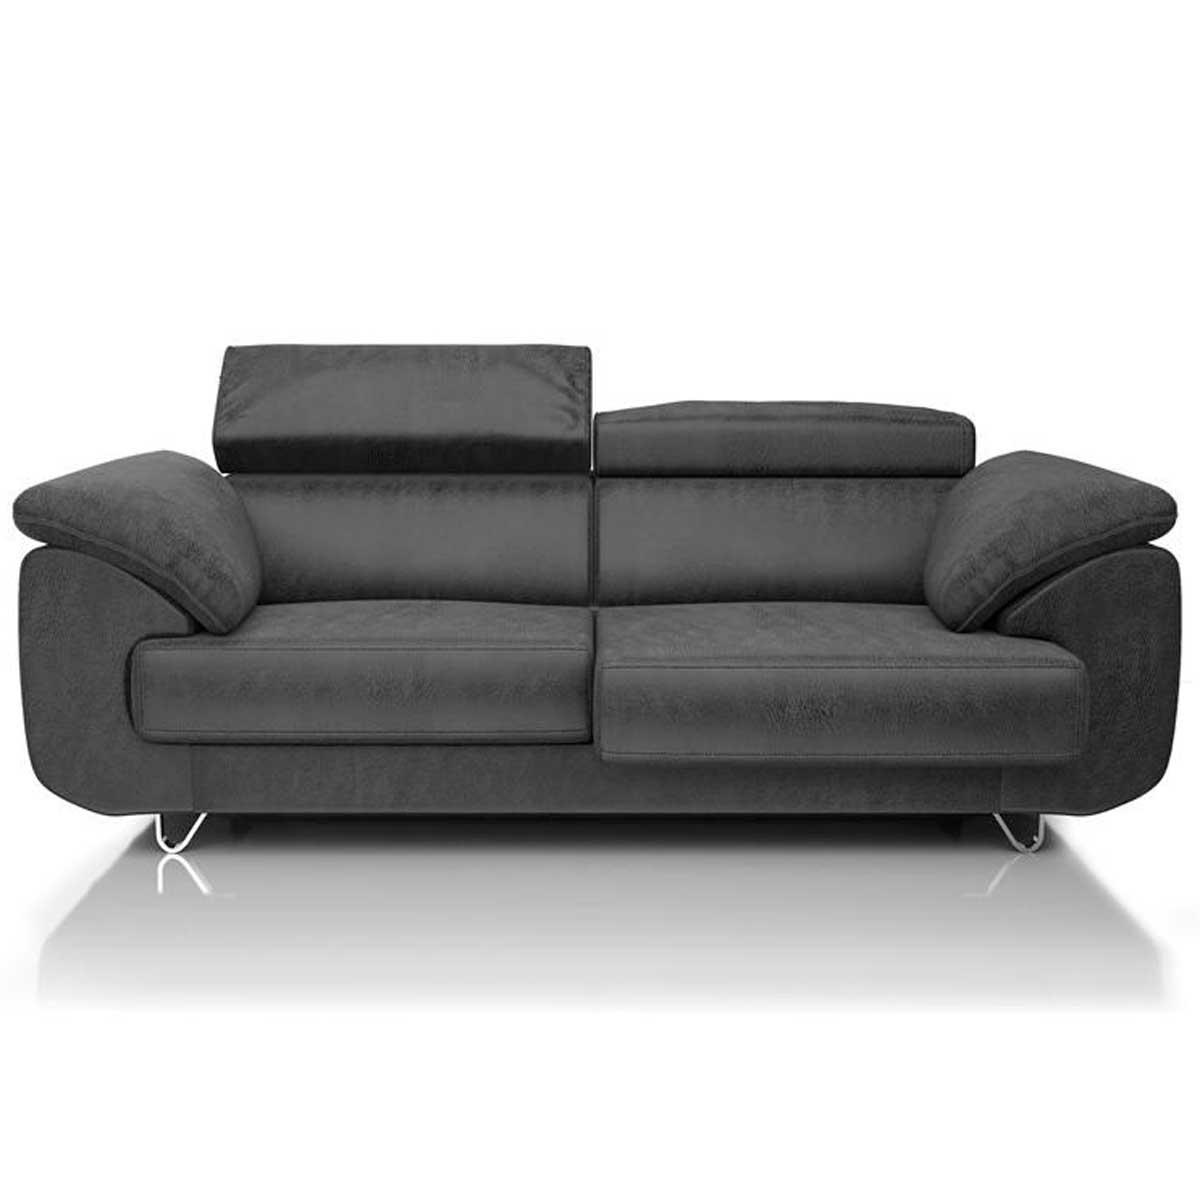 Canapé 2,5 places HAVANNA HetH pieds 9,5cm assise coulissante Gp.1Leopard Atnthracite